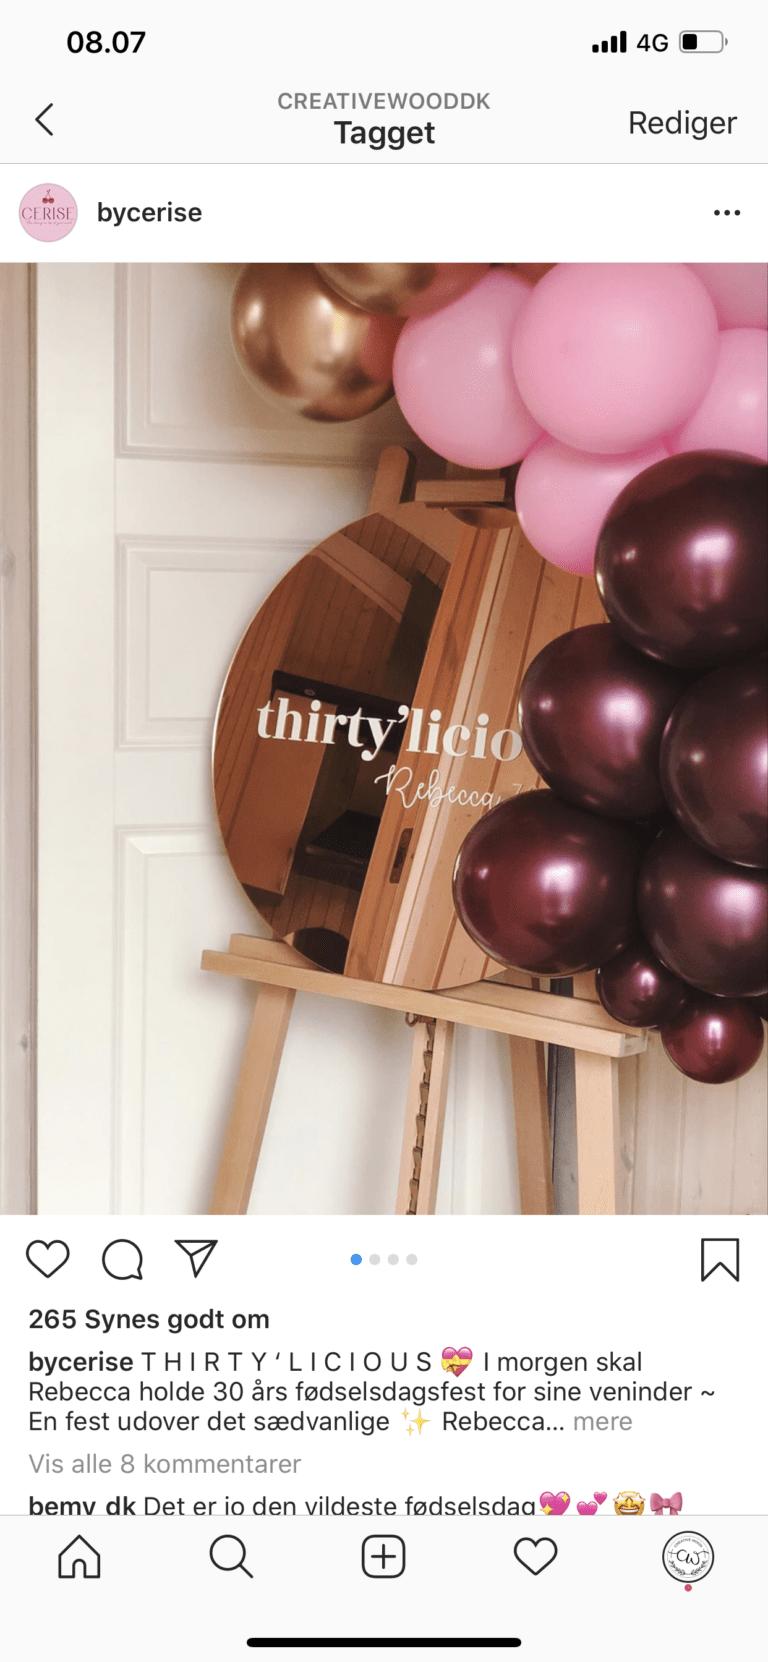 spejl rosaguld velkomstskilt bryllup og fødselsdag rosegold spejl